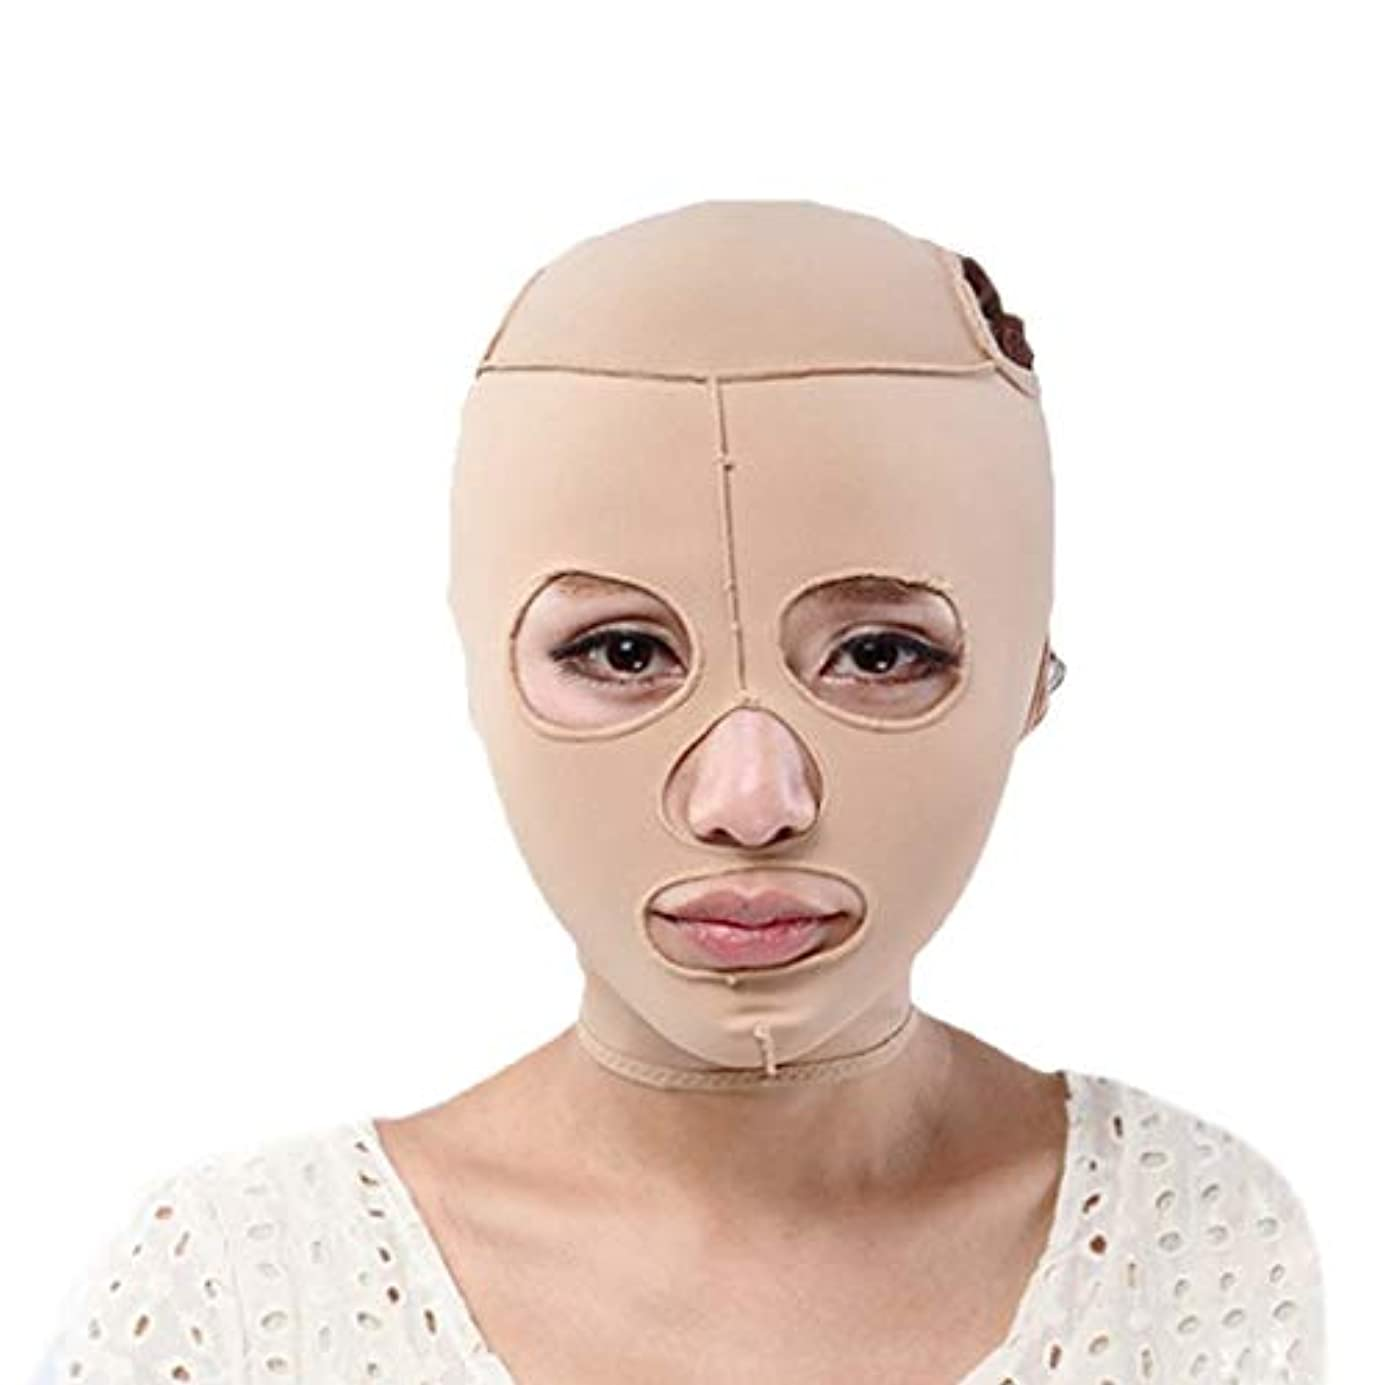 悲観主義者注入する制限されたチンストラップ、顔の減量アンチシワマスク、快適な通気性マスク付きオールインクルーシブフェイス、薄型フェイスマスクリフティング包帯引き締め(サイズ:S),M